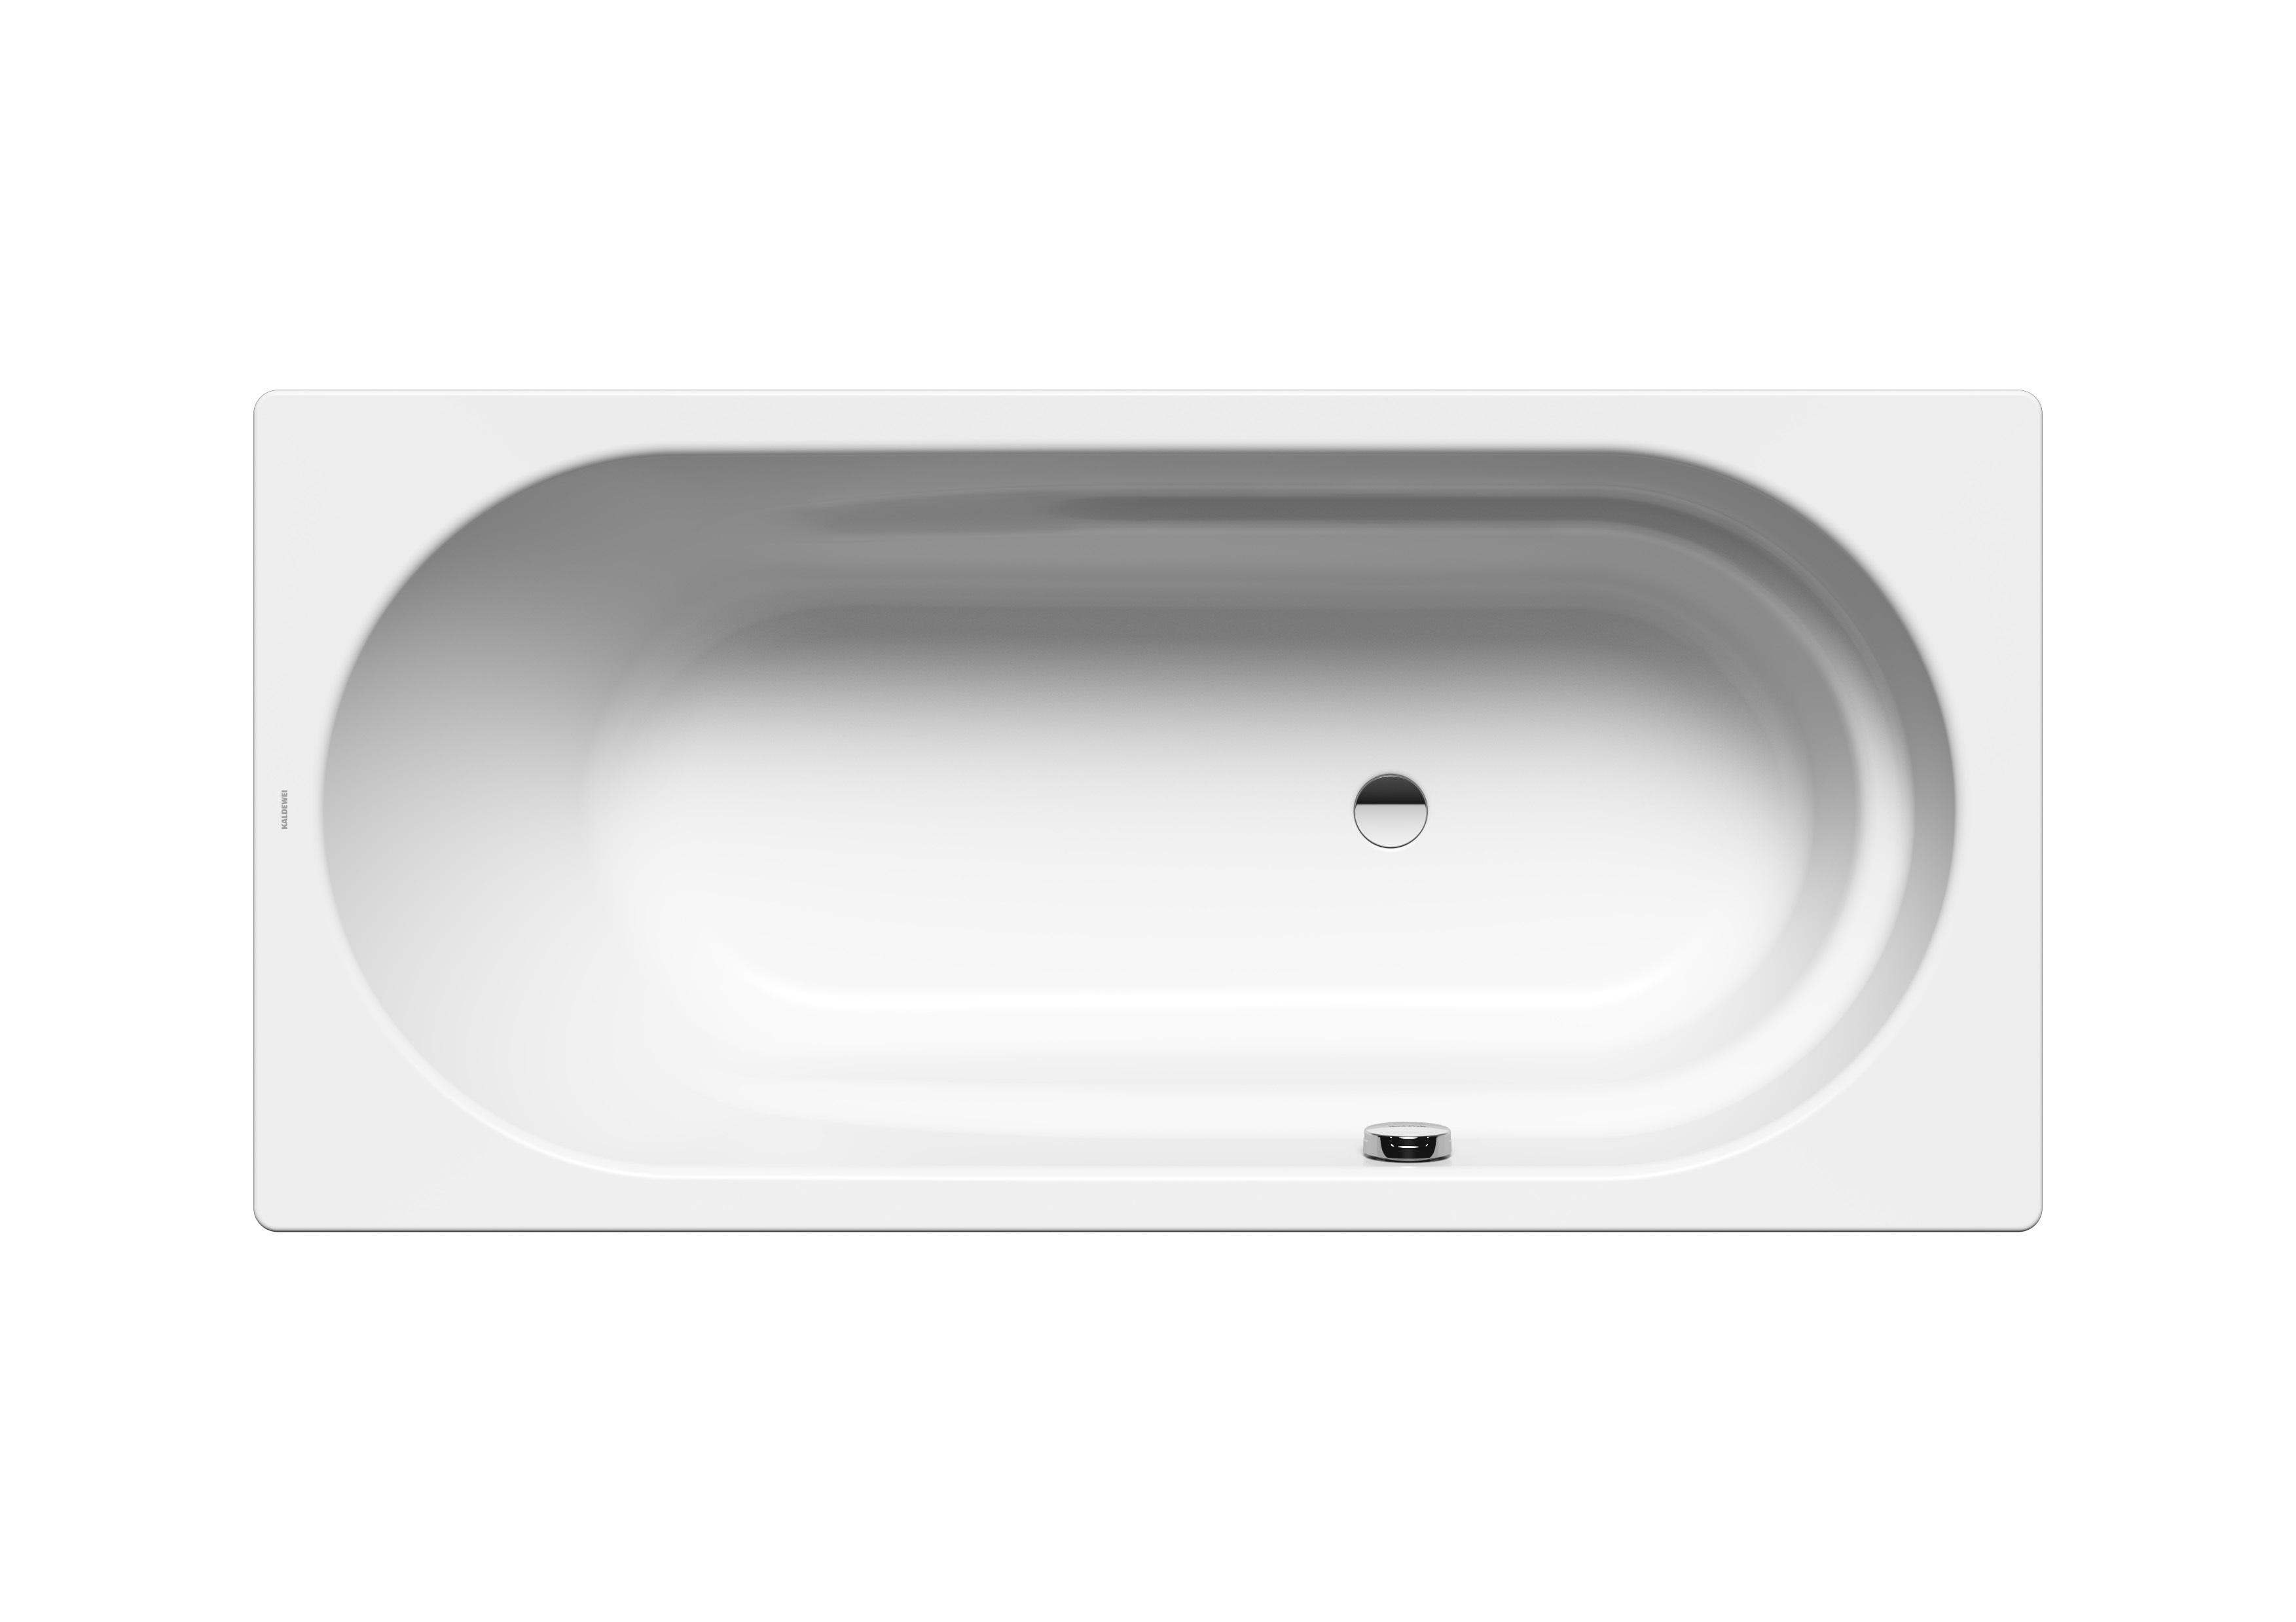 Stahl Badewanne Vaio mit seitlichem Überlauf 20 x 20 cm 20